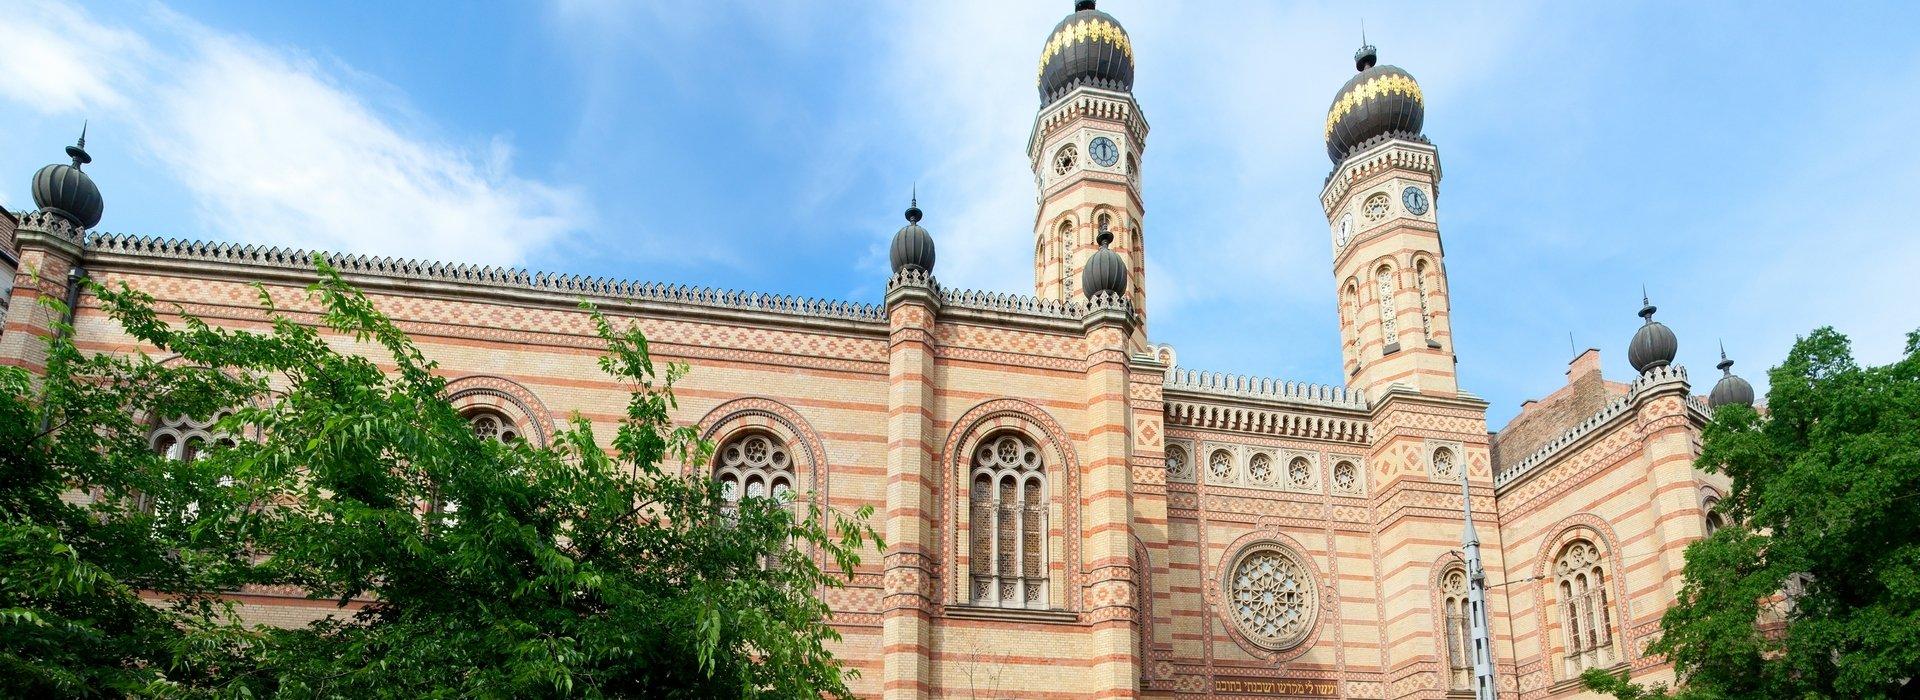 Budapest Különleges Épületei – Különleges Épületek Budapest